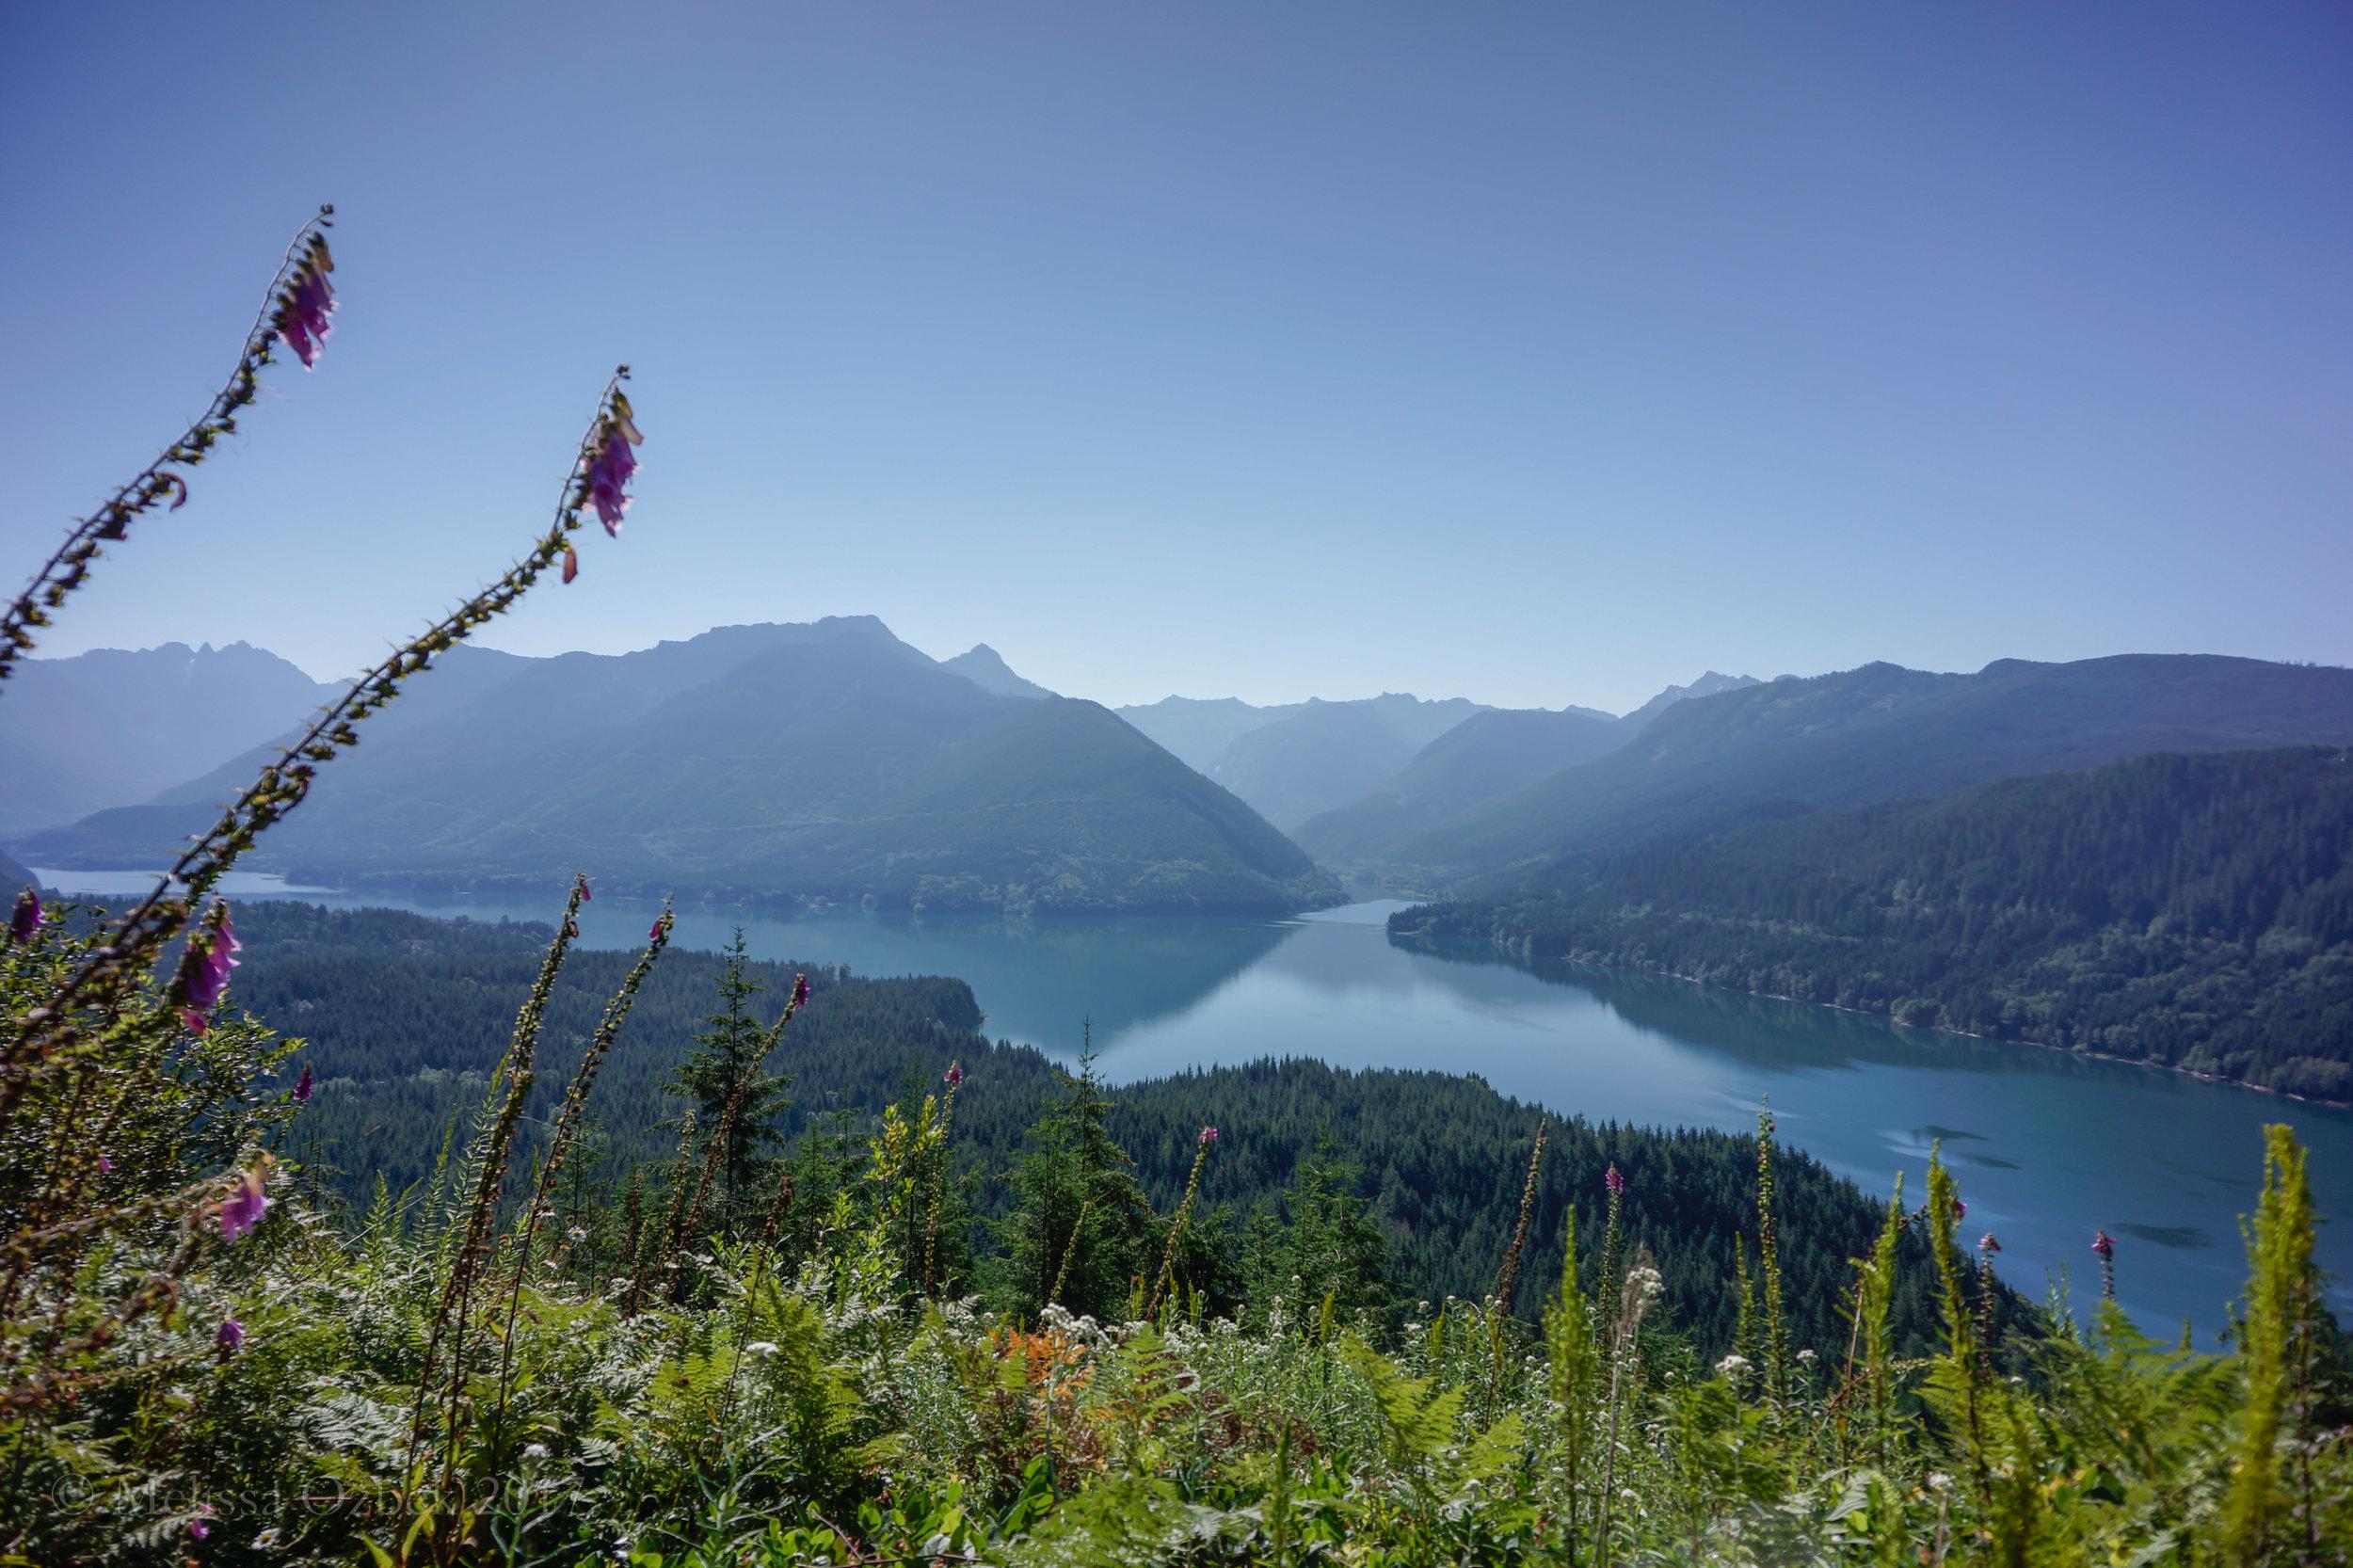 1. Spada Lake Overlook